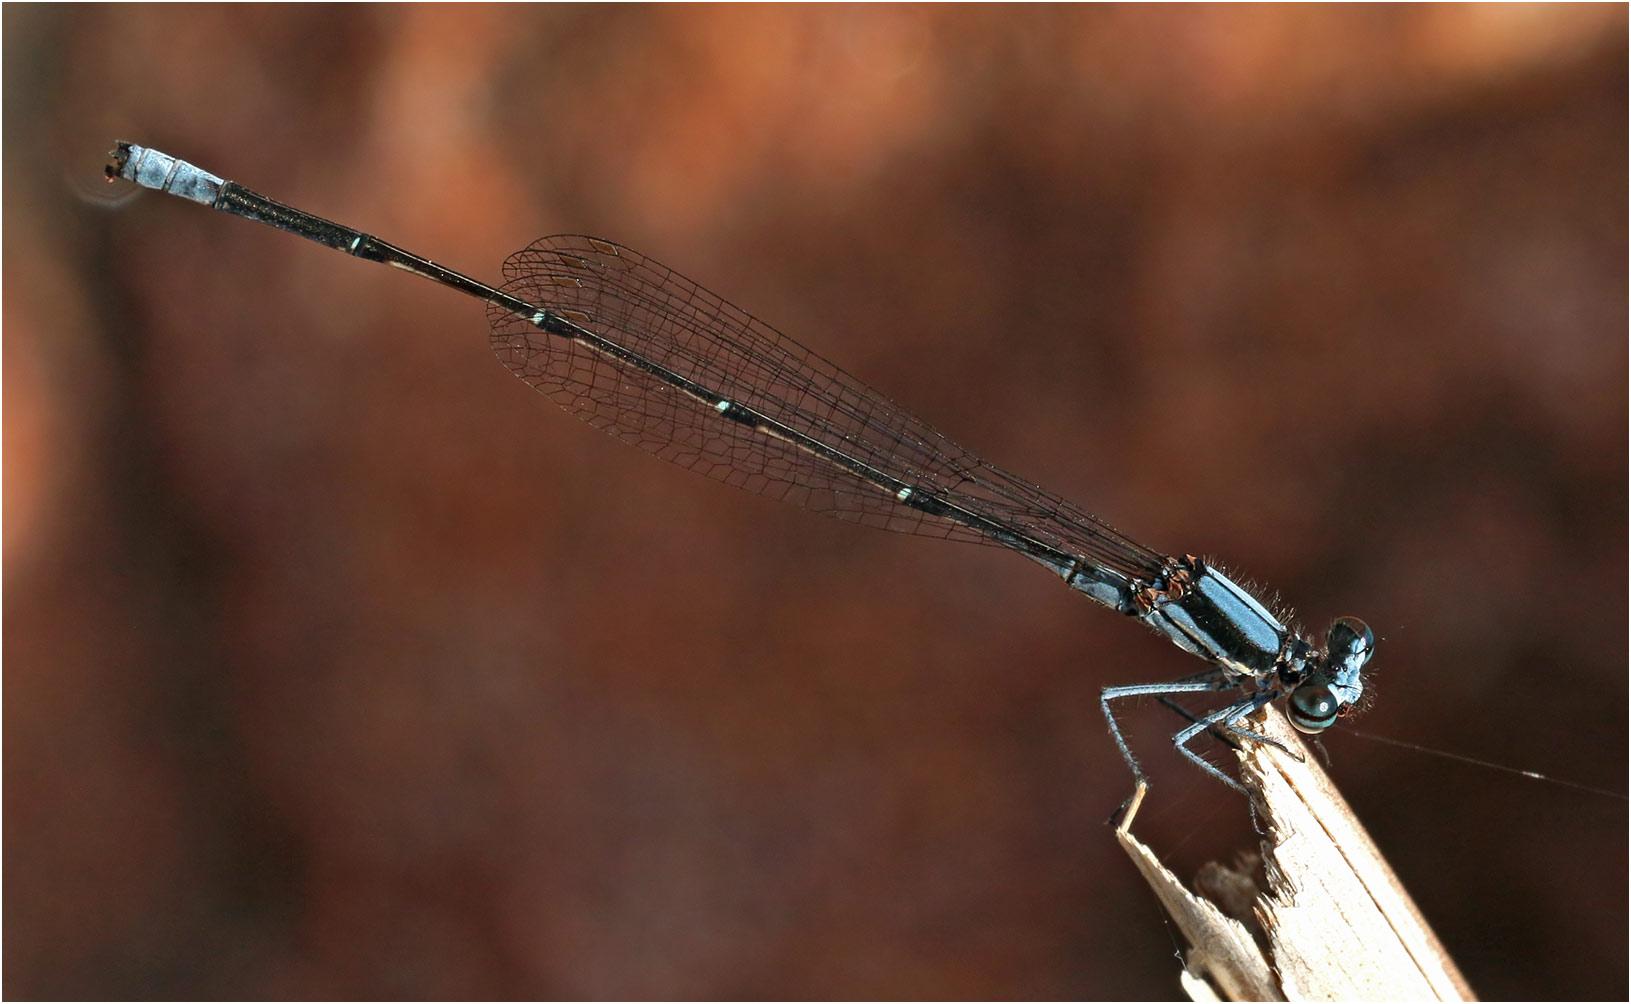 Elattoneura mâle, Namibie, Rundu sur l'Okavango, 10/02/2020